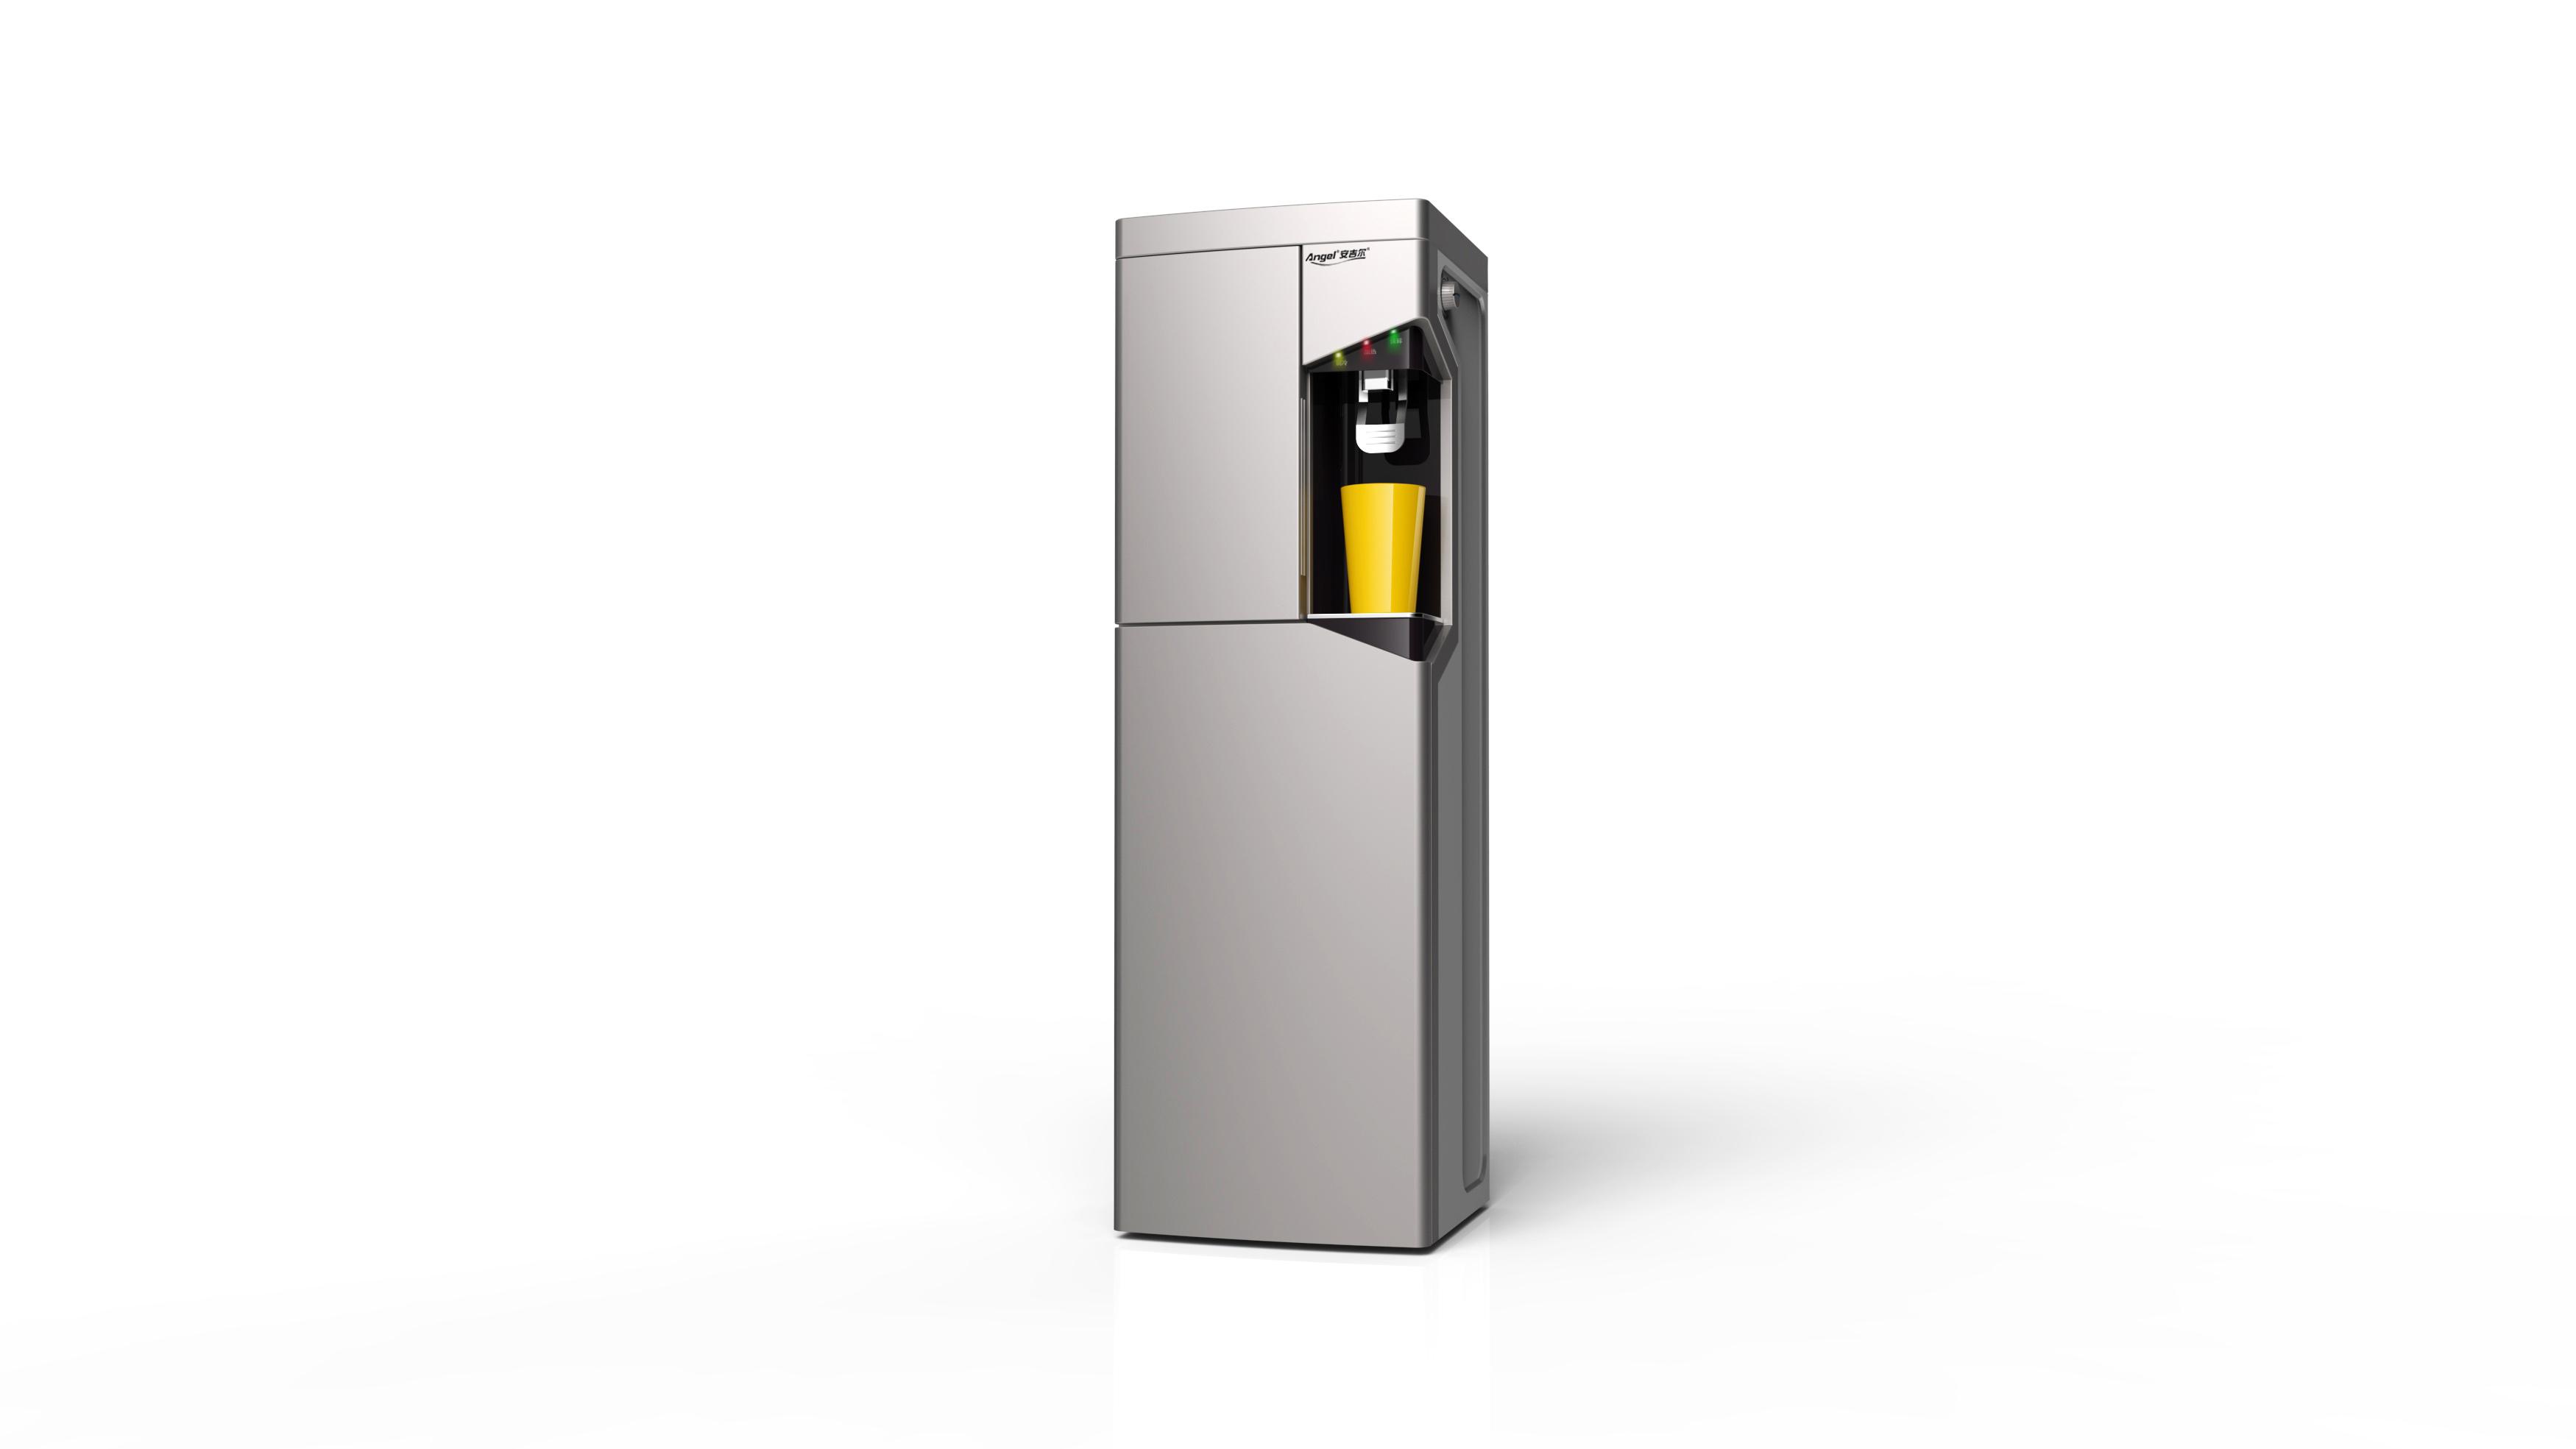 饮水机_产品设计-来设计